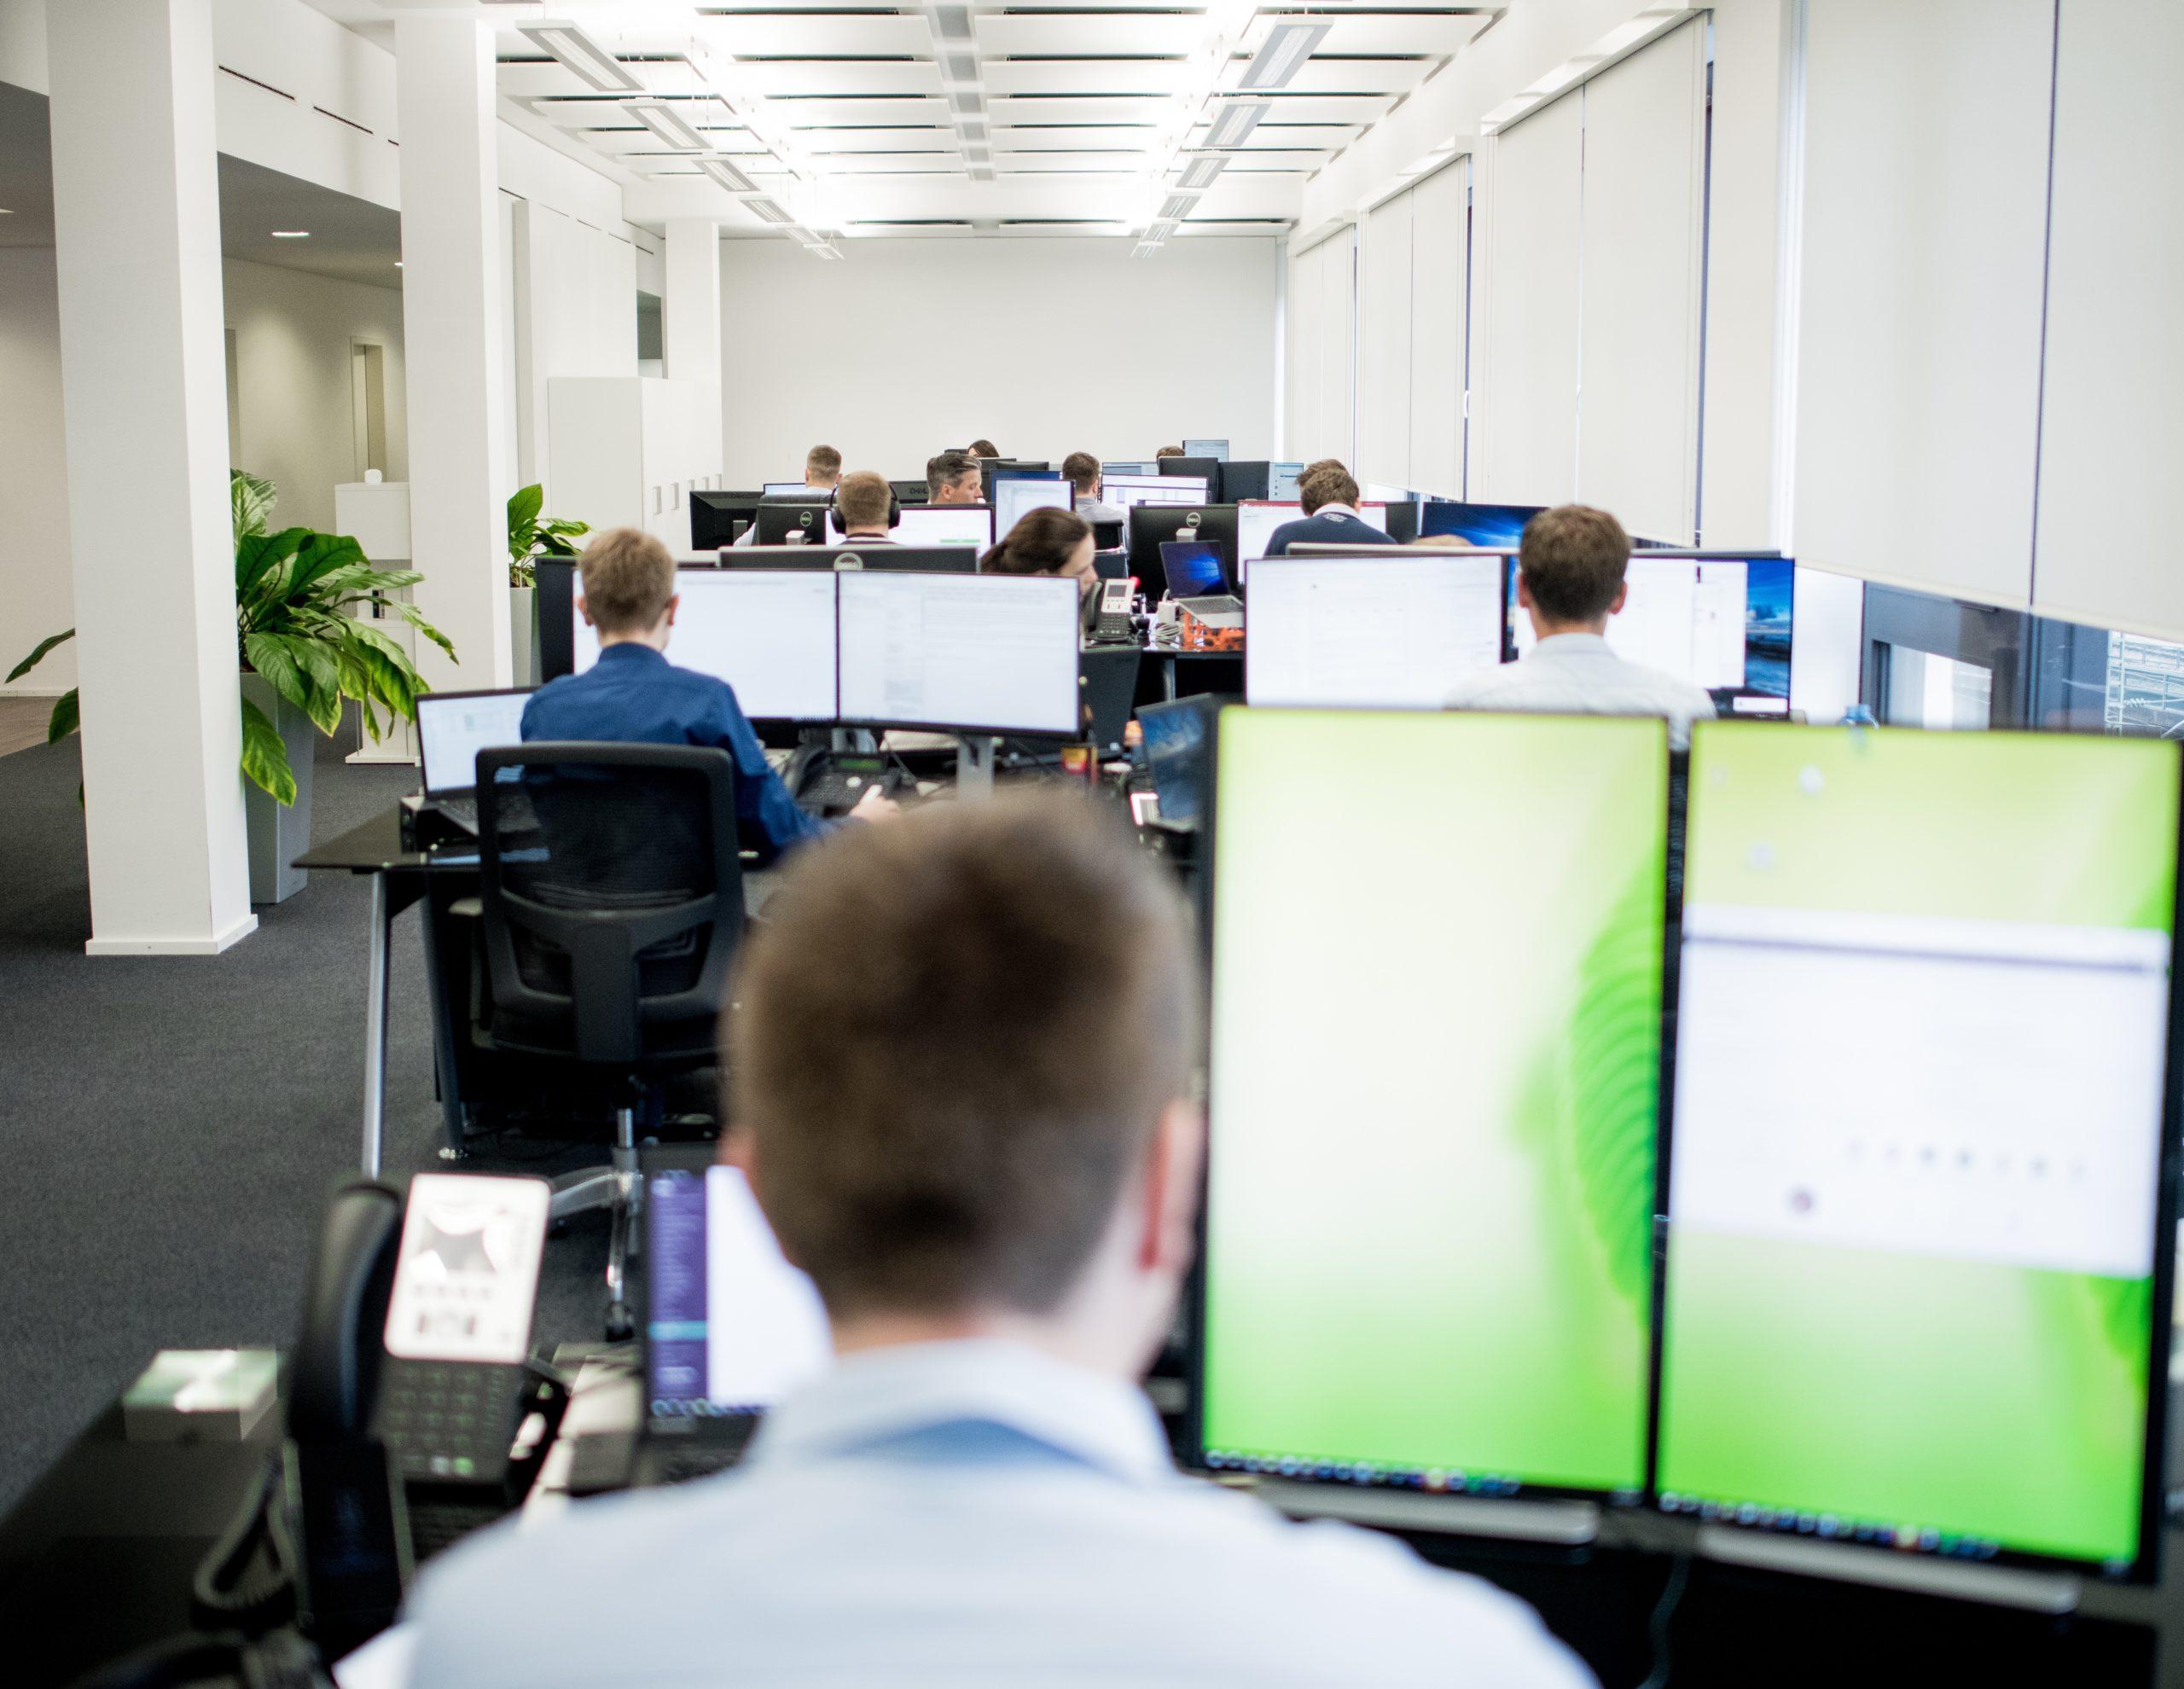 Großraumbüro mit Entwickler-Bildschirmen